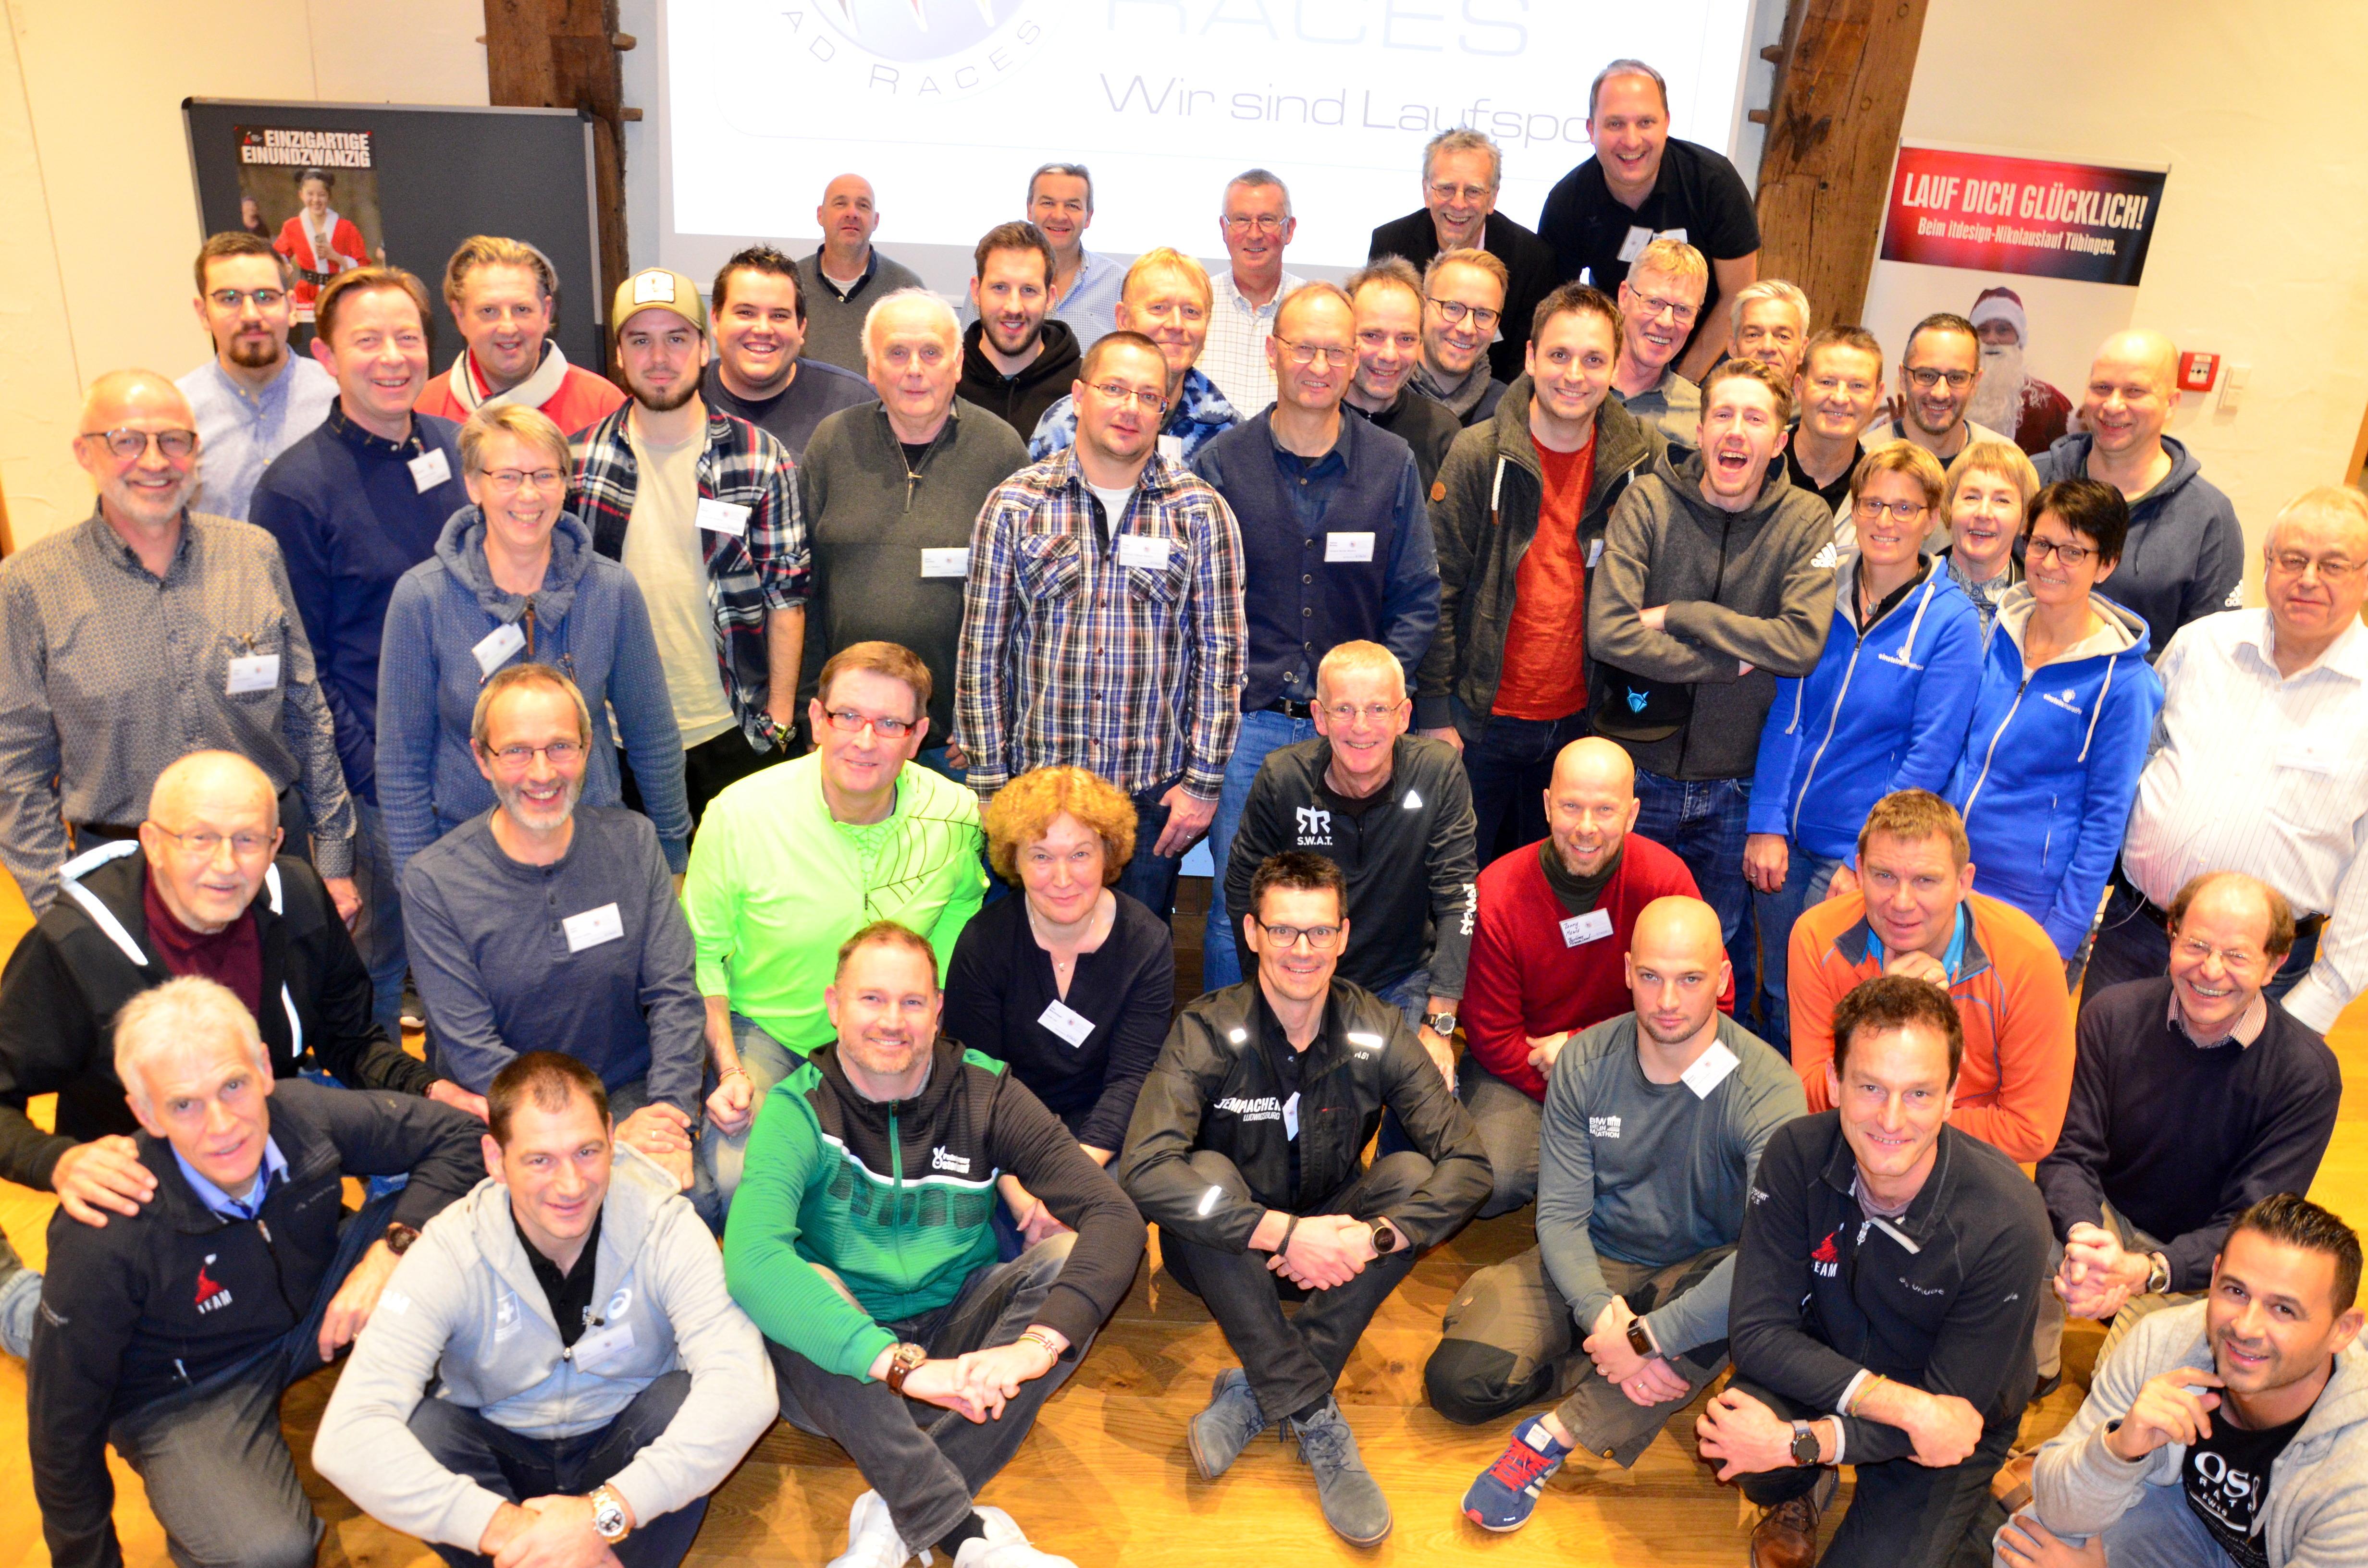 German Road Races Tagung 2019 - Tübingen - Gruppenfoto